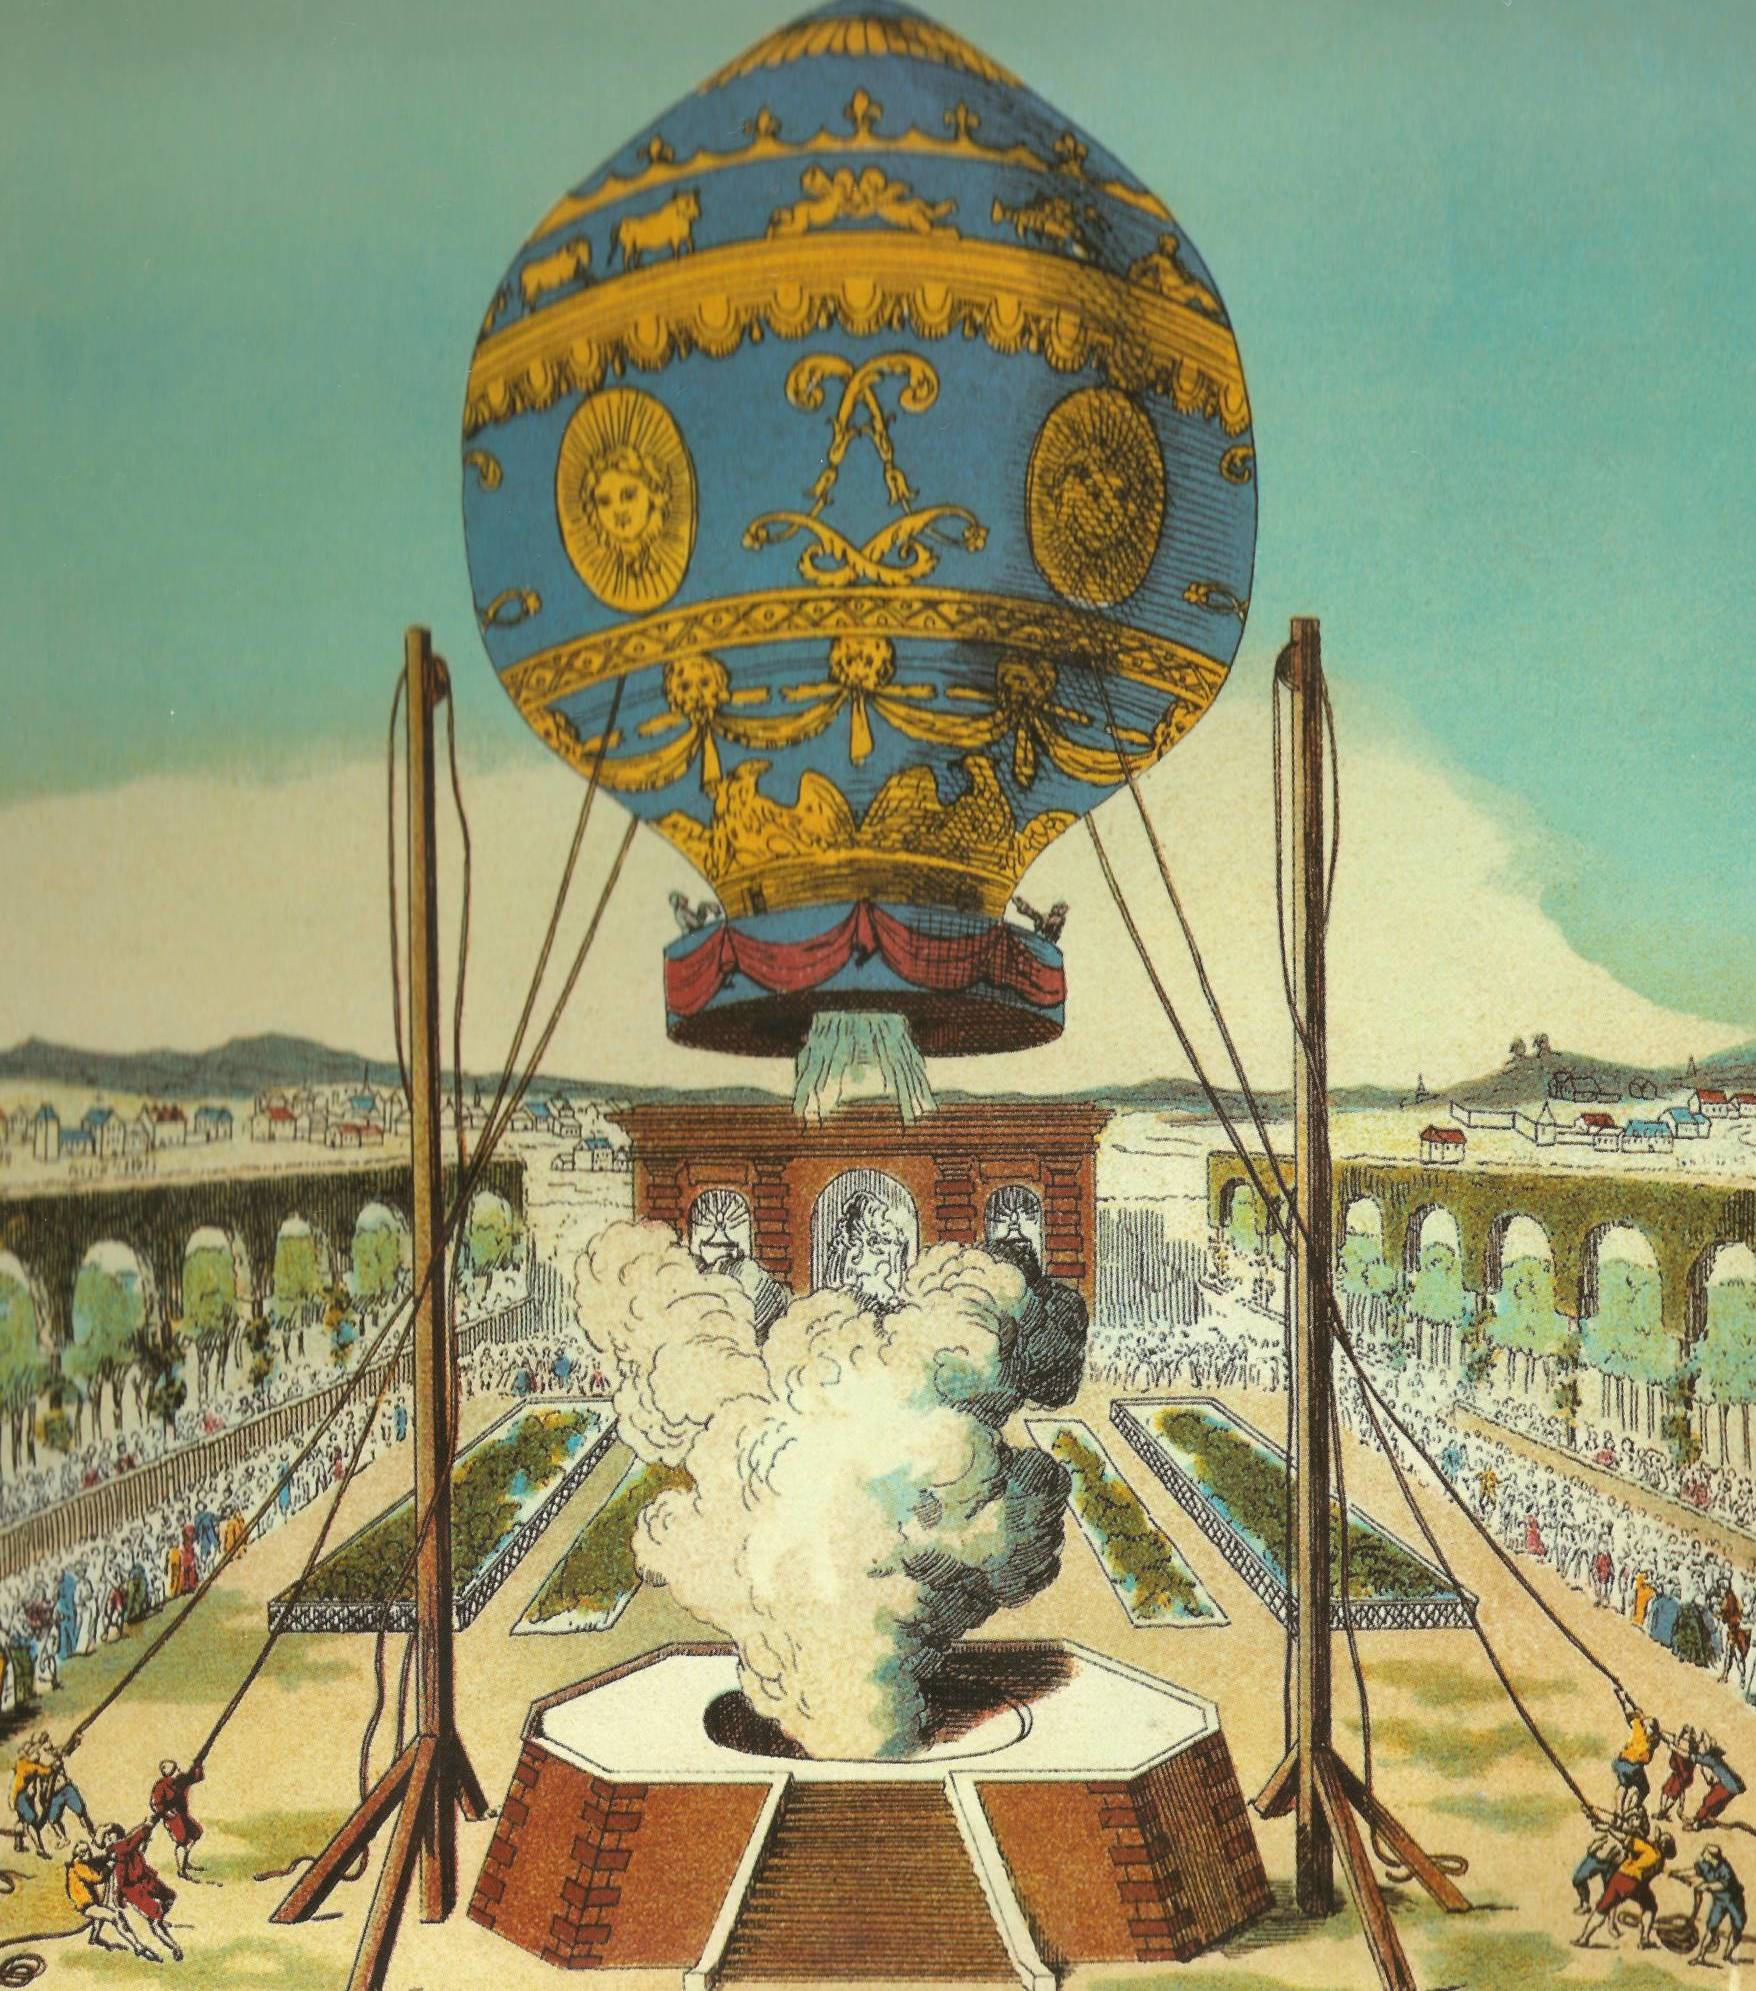 Montgolfier Hot Air Baloon